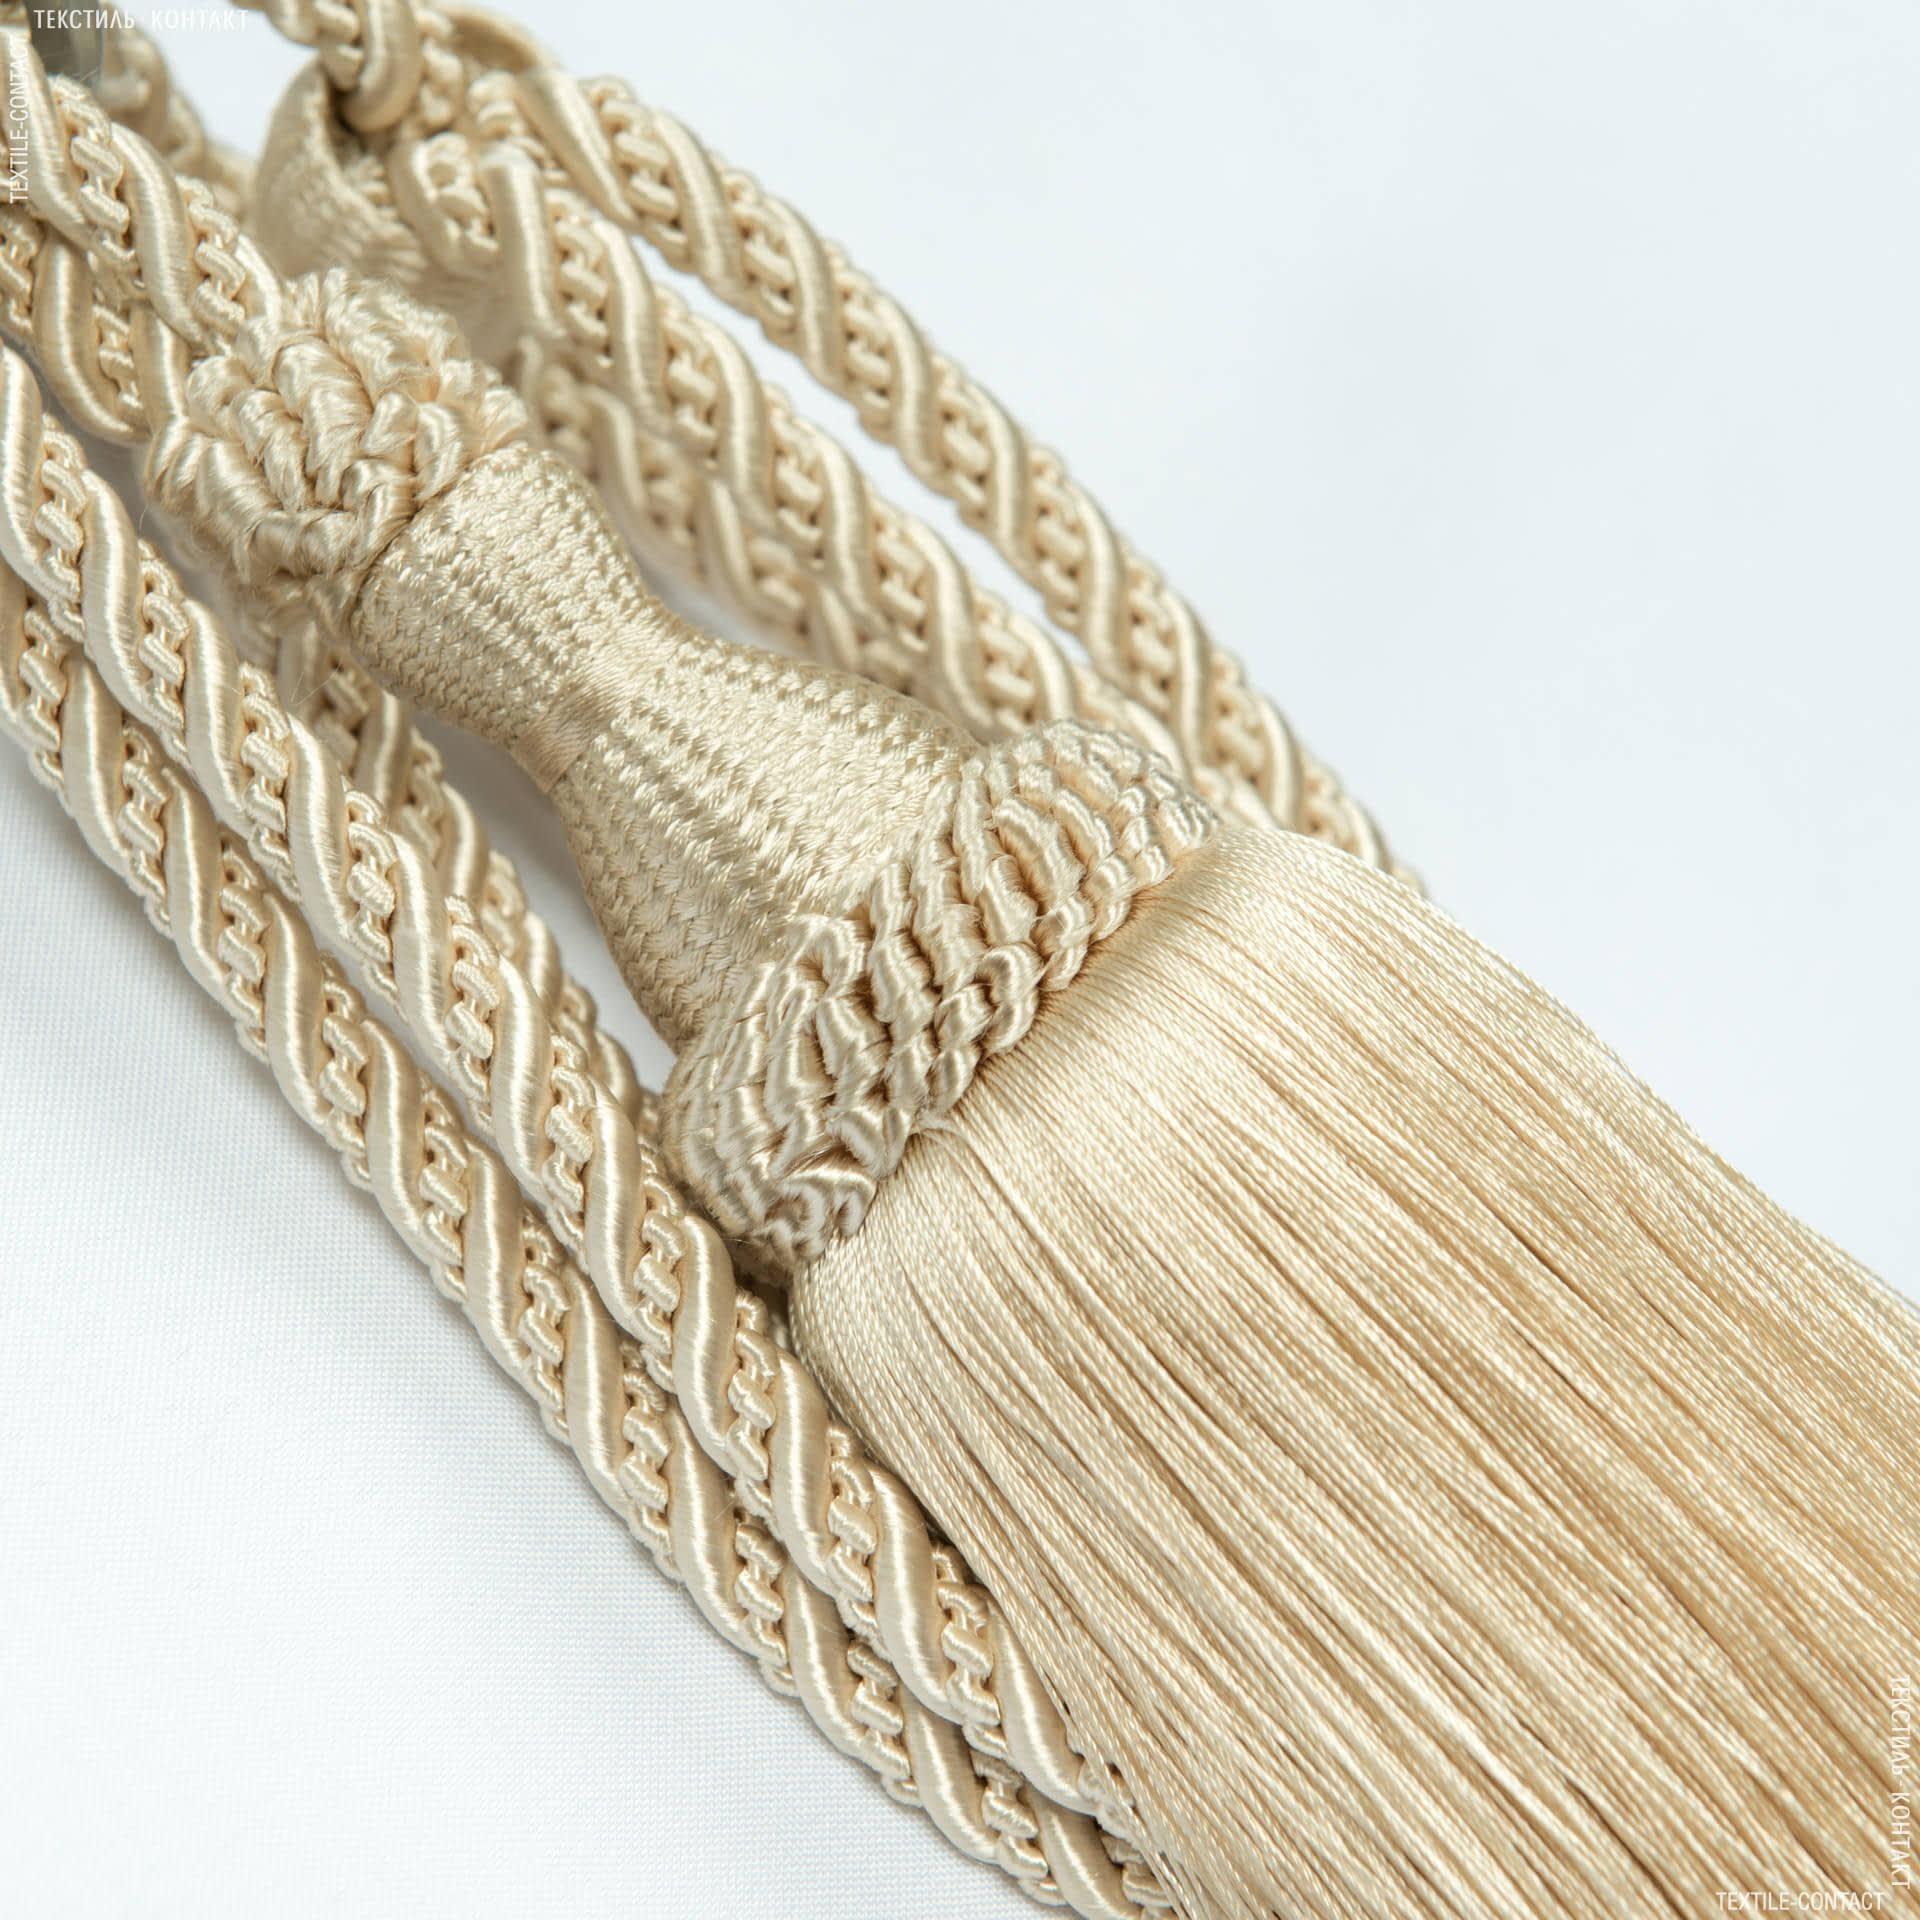 Ткани фурнитура для декора - Кисти солар беж